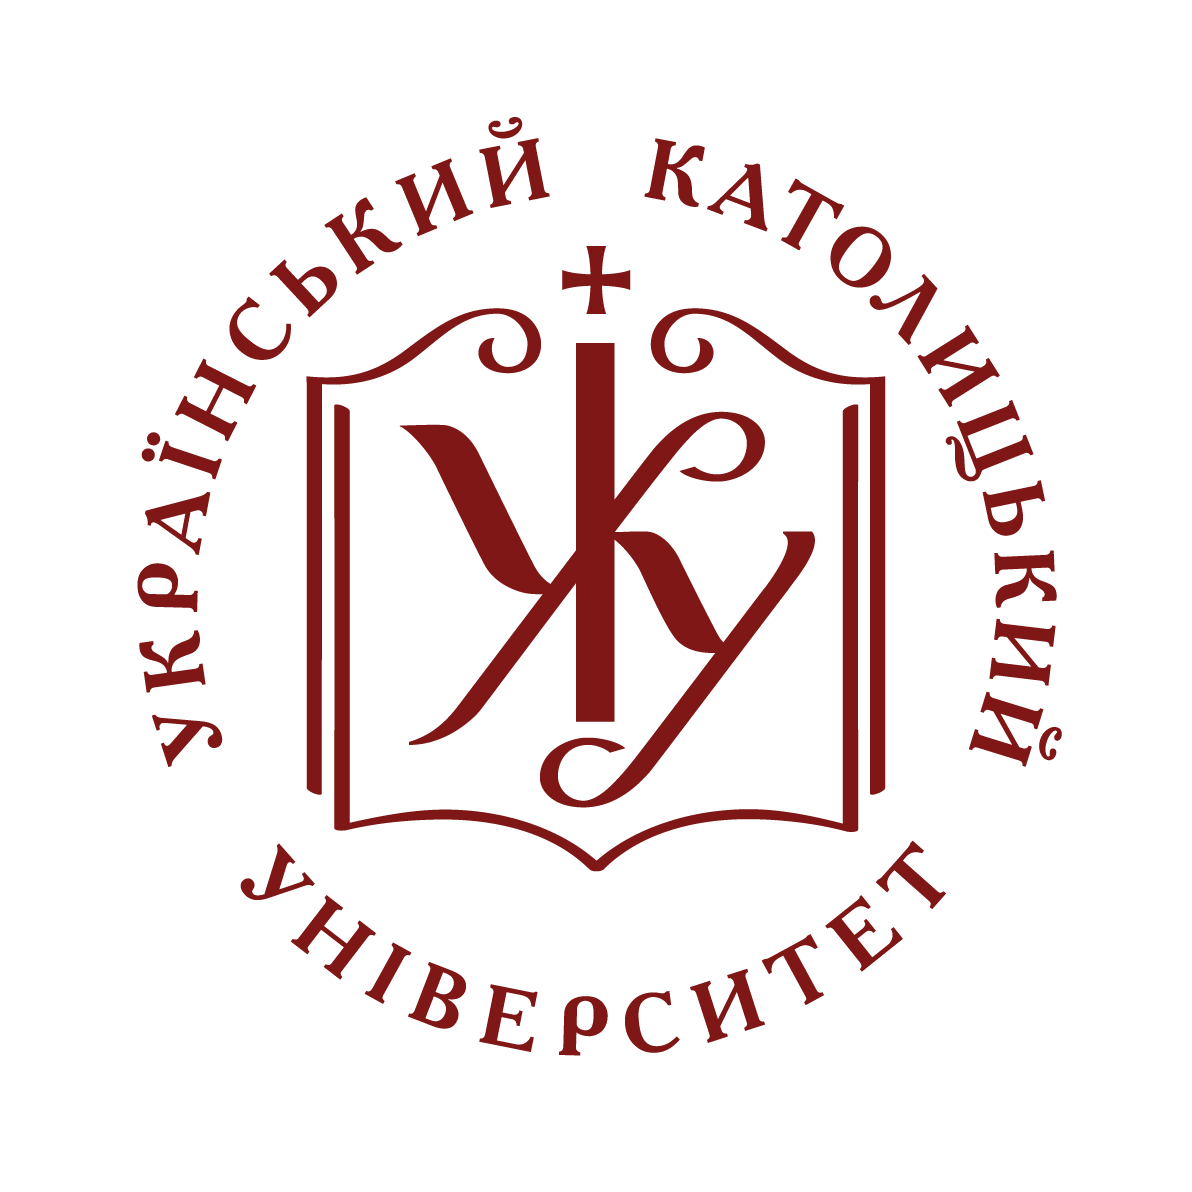 უკრაინის კათოლიკური უნივერსიტეტი (უკრაინა)